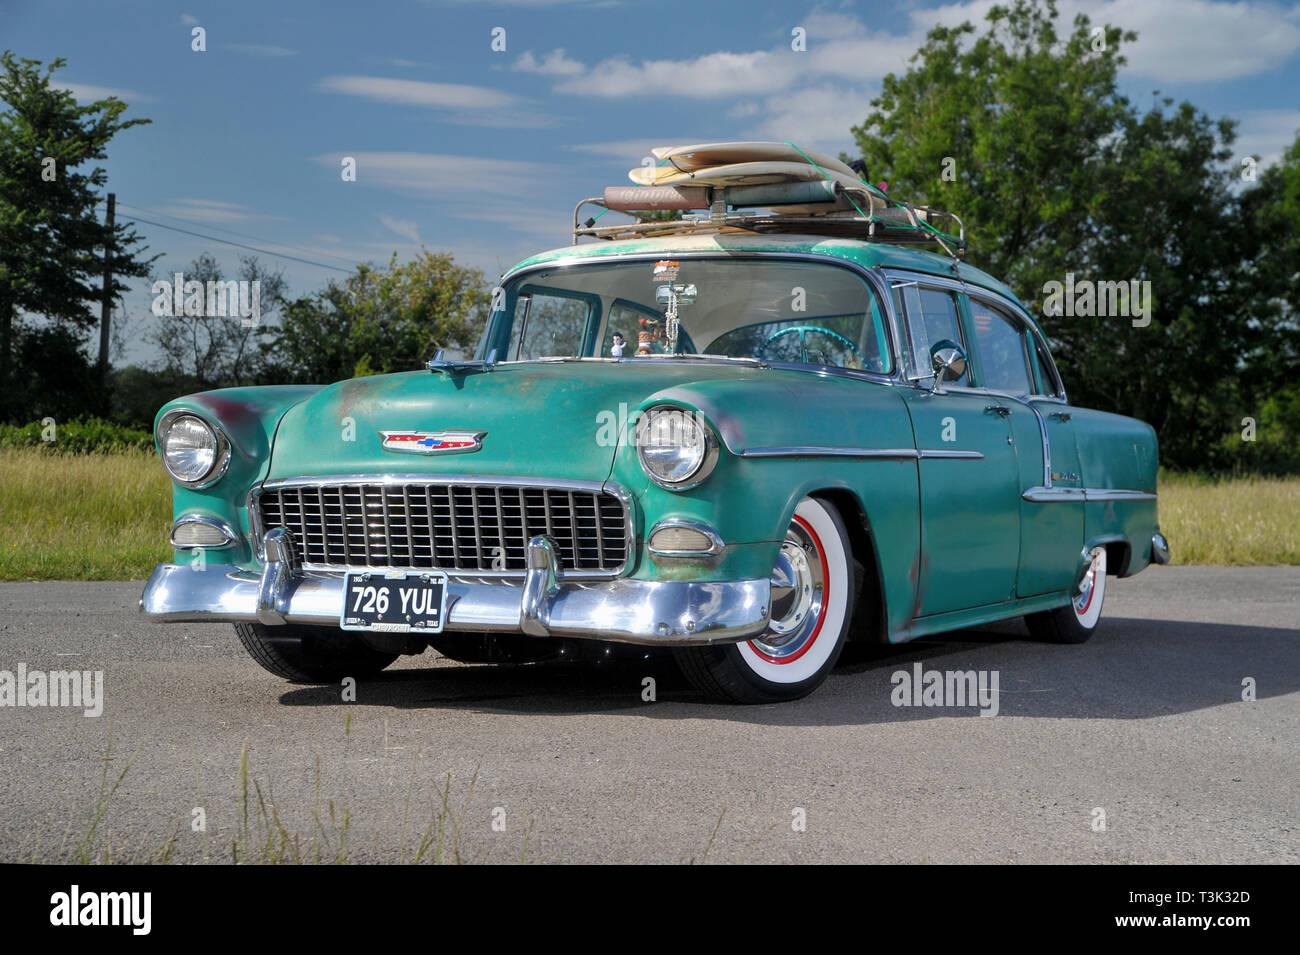 Kelebihan Kekurangan Chevrolet Bel Air 1955 Perbandingan Harga